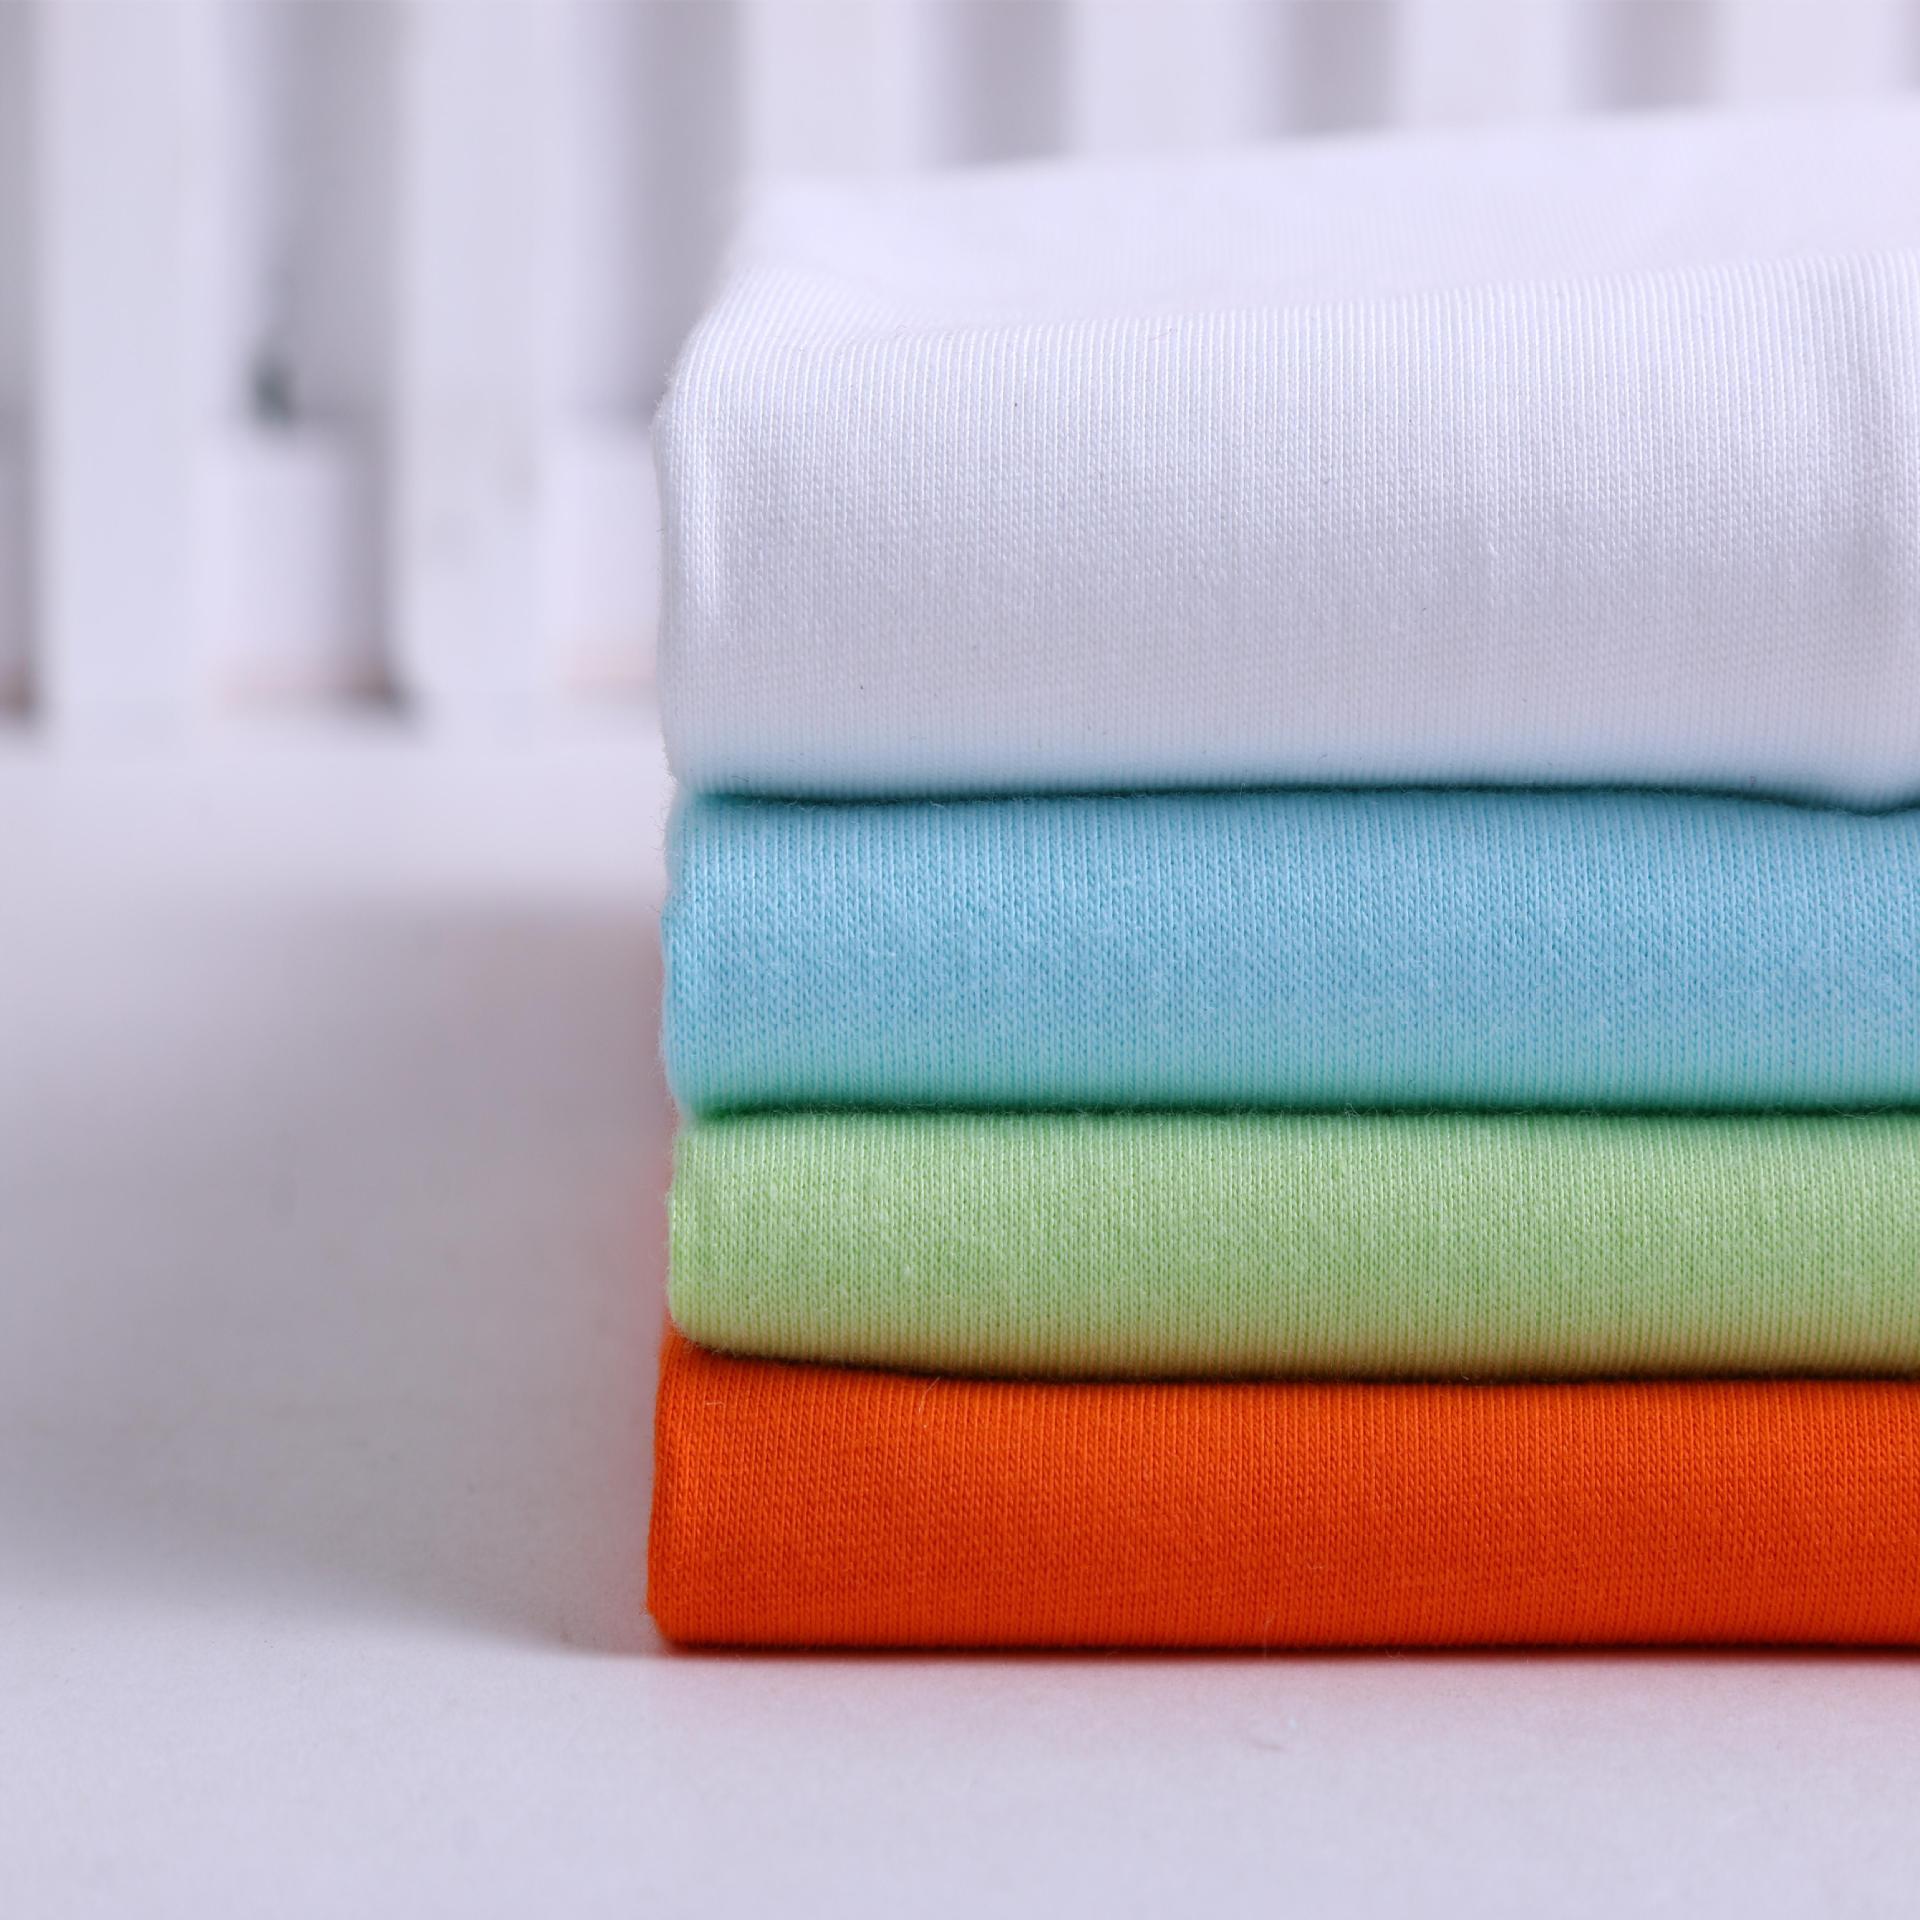 26 cotton jersey cotton jersey vải mùa hè t-shirt vải dệt kim chải kỹ cotton jersey